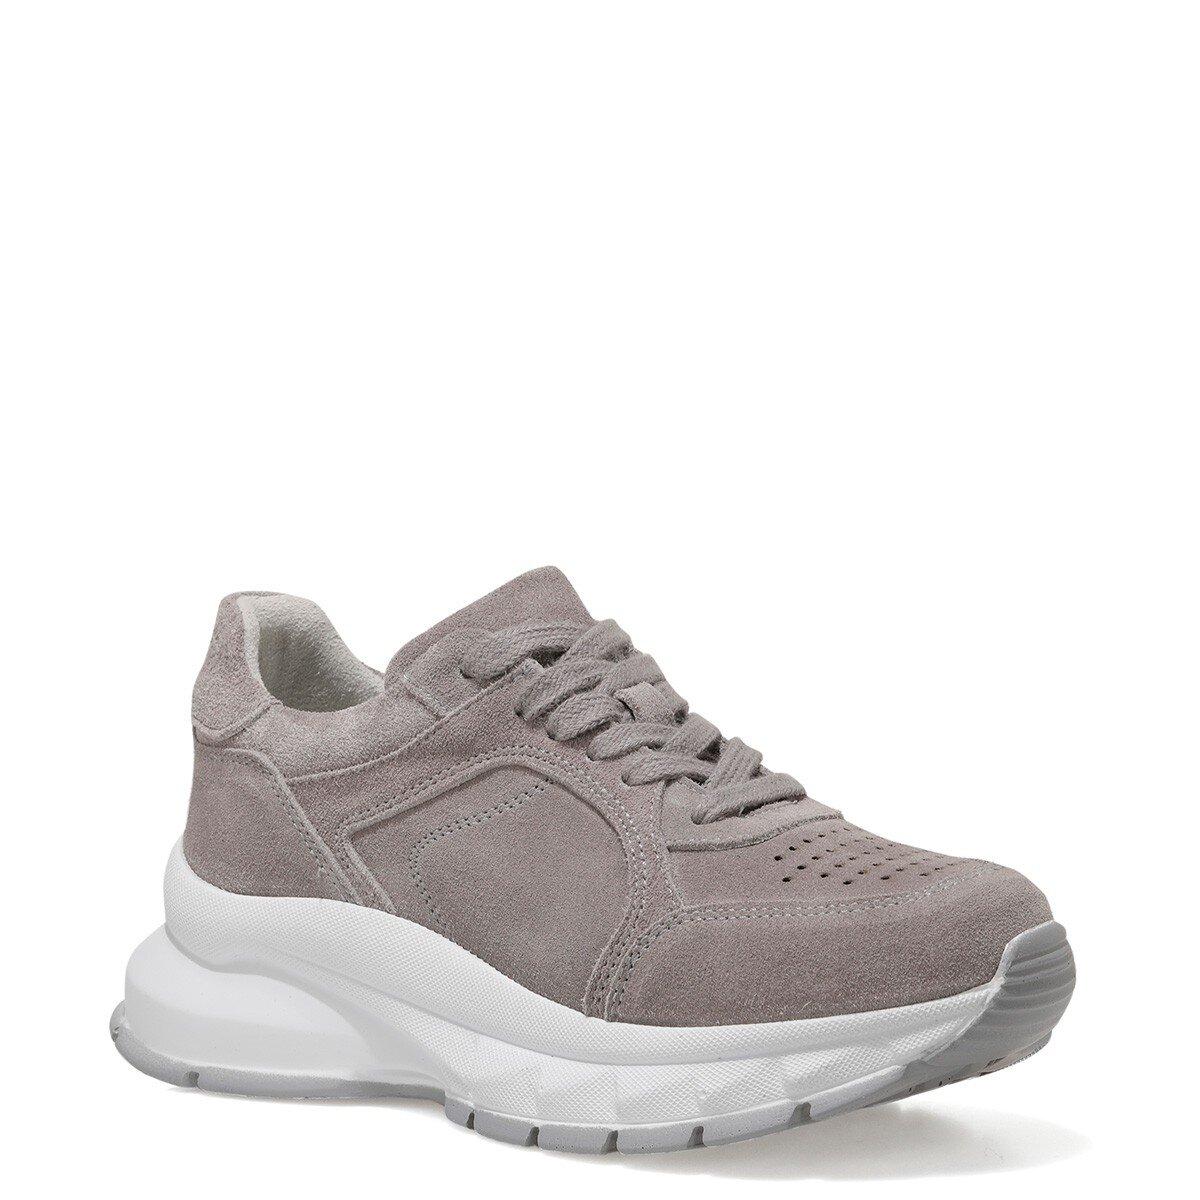 OLURO 1FX Gri Kadın Sneaker